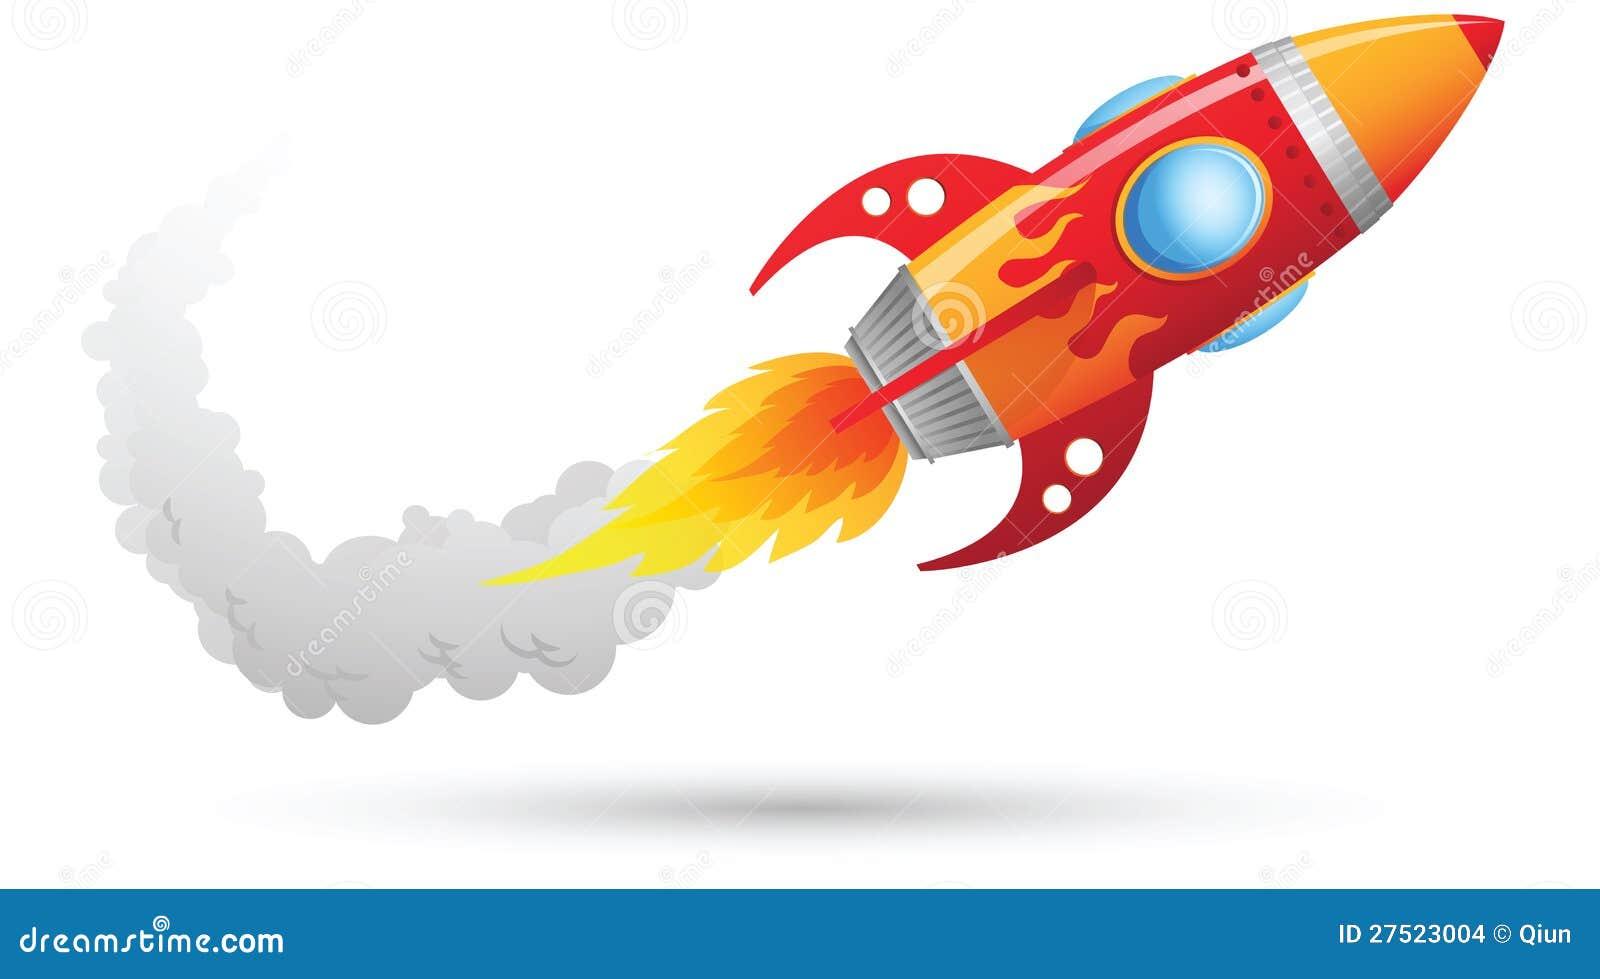 Vol de Rocket